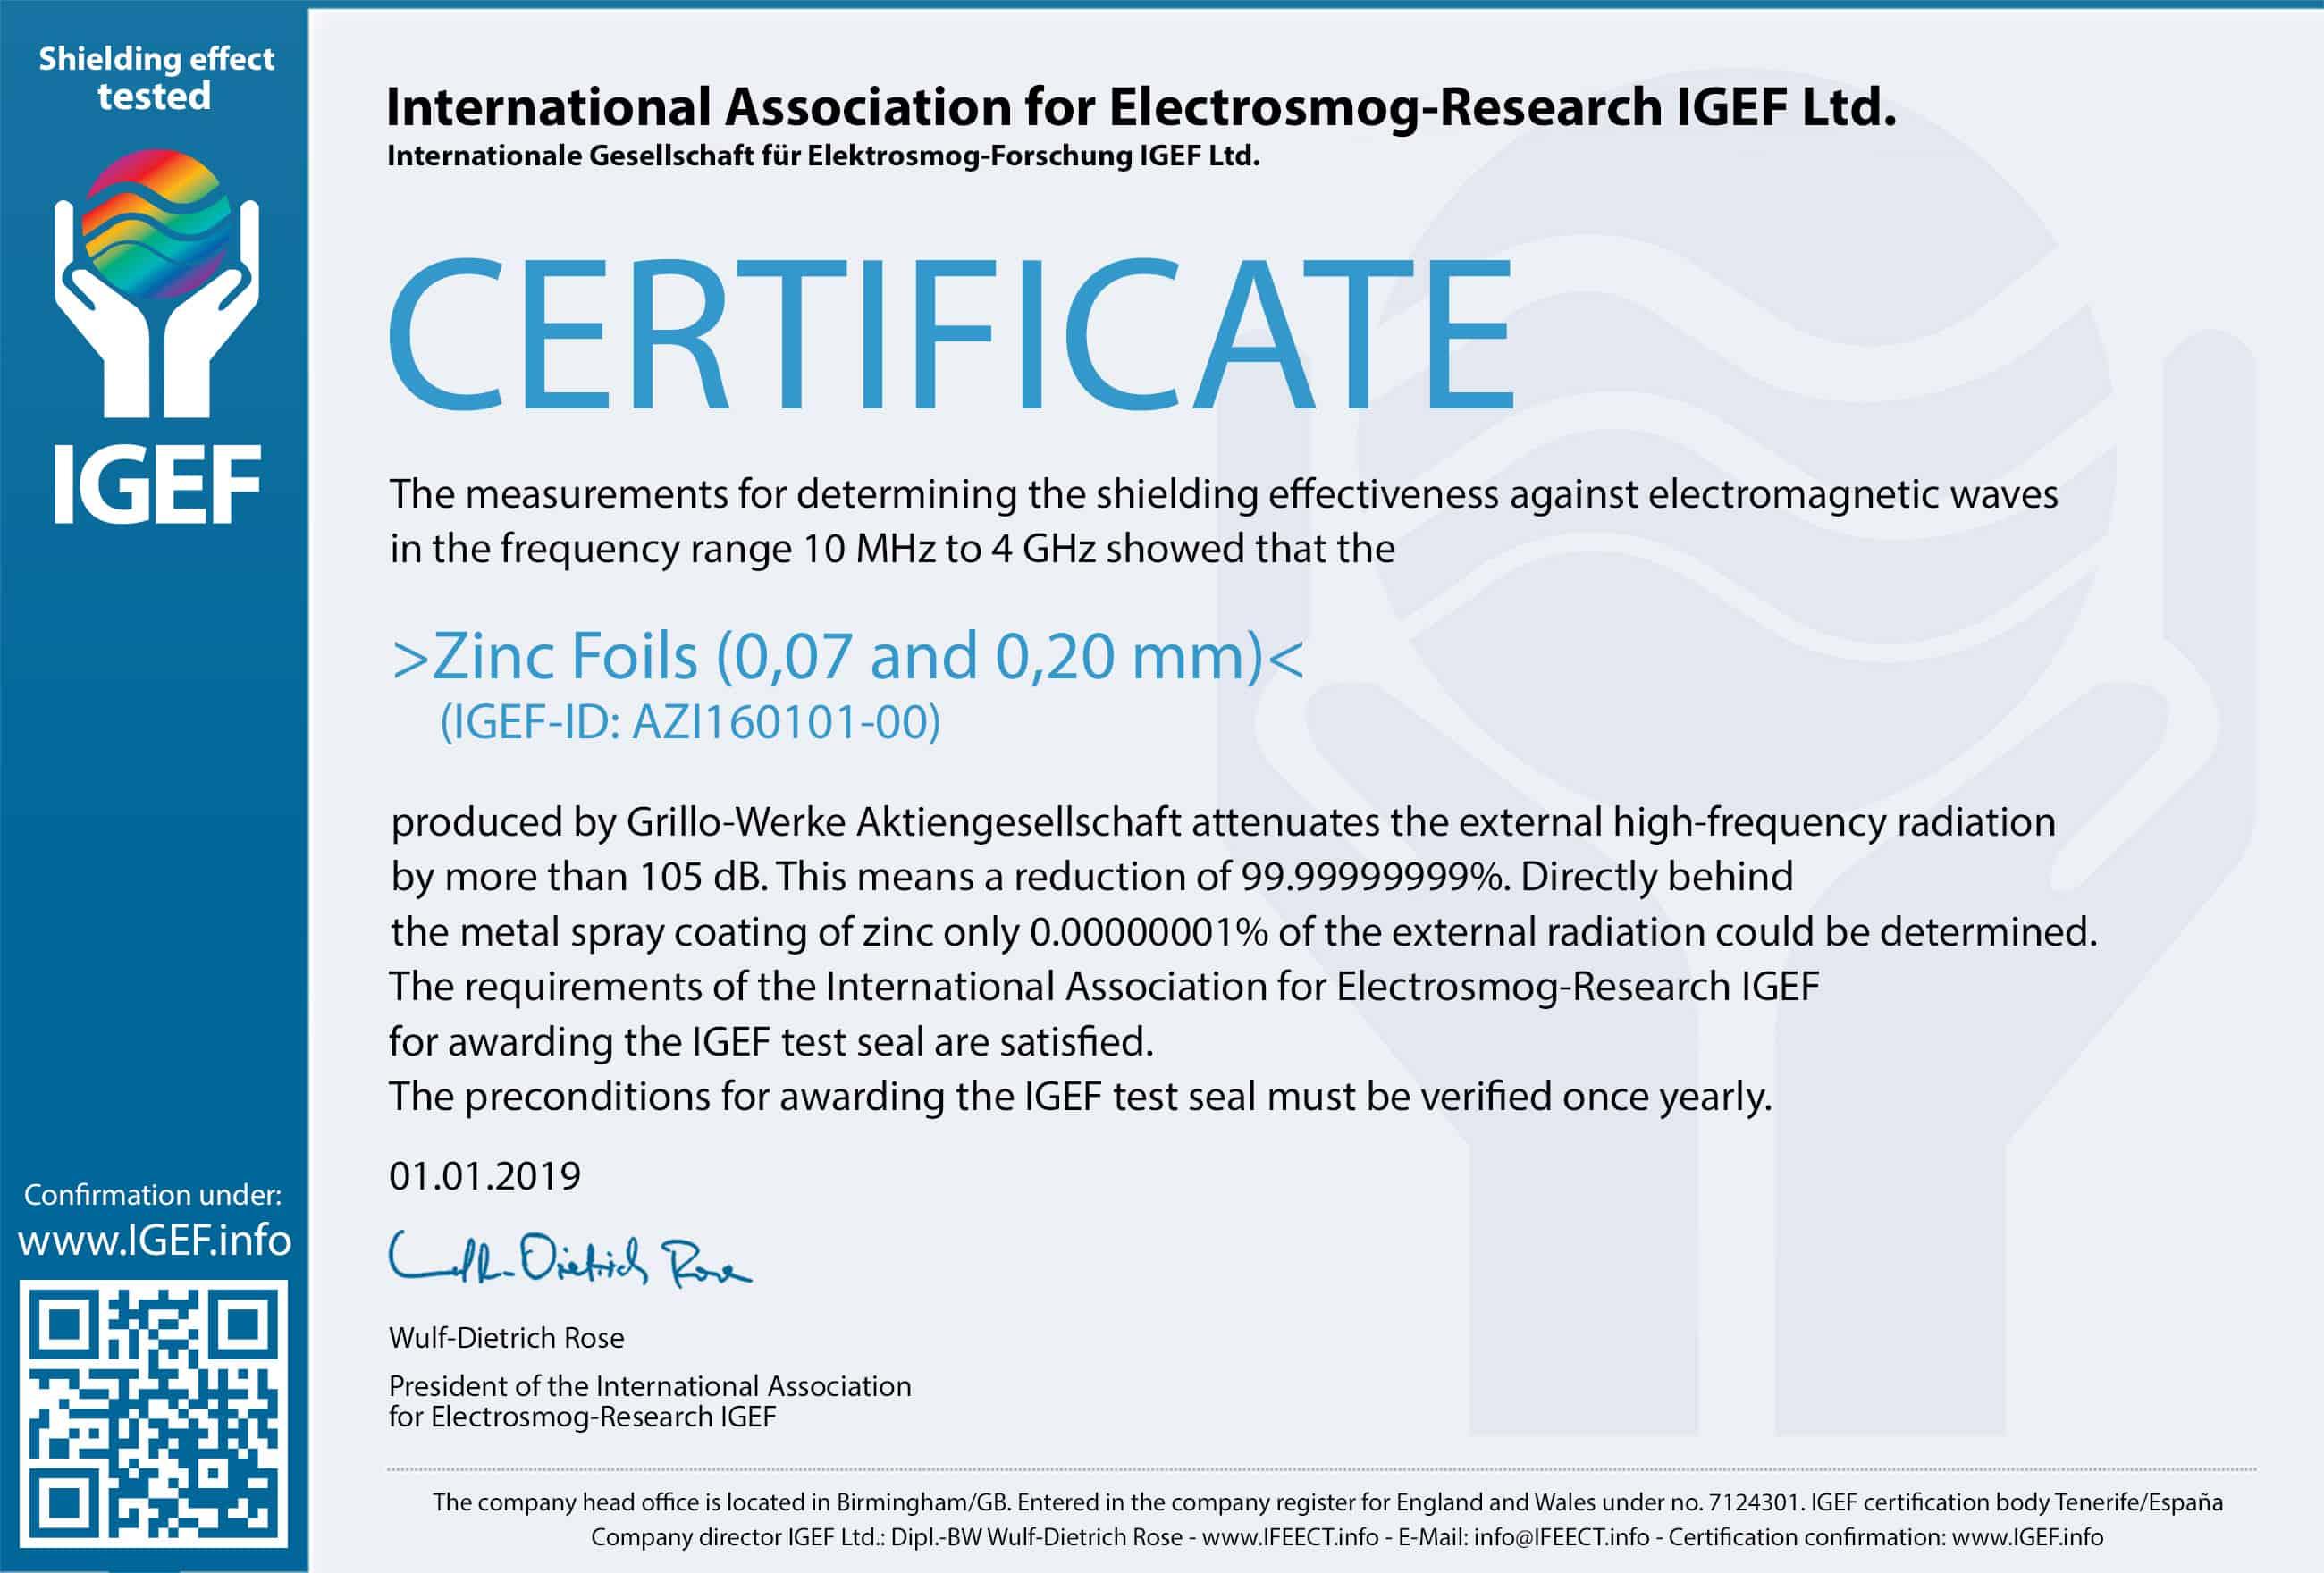 IGEF-Zertifikat-AZI-EN-19